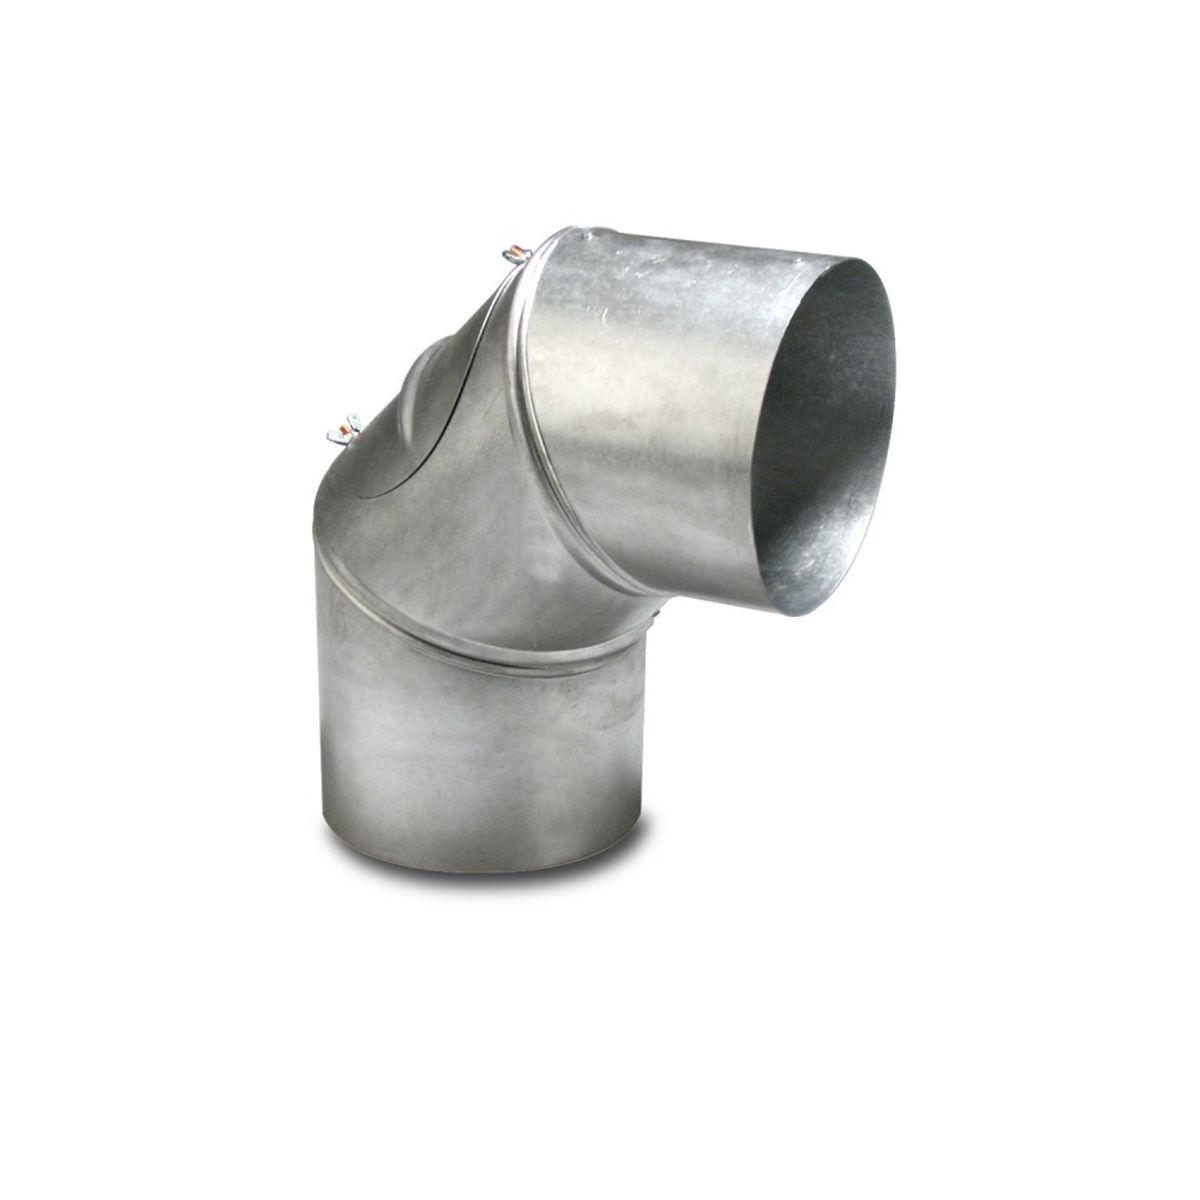 90° Bogen zu Abgasrohr, Stahlblech verzinkt, D 120 mm, 90°